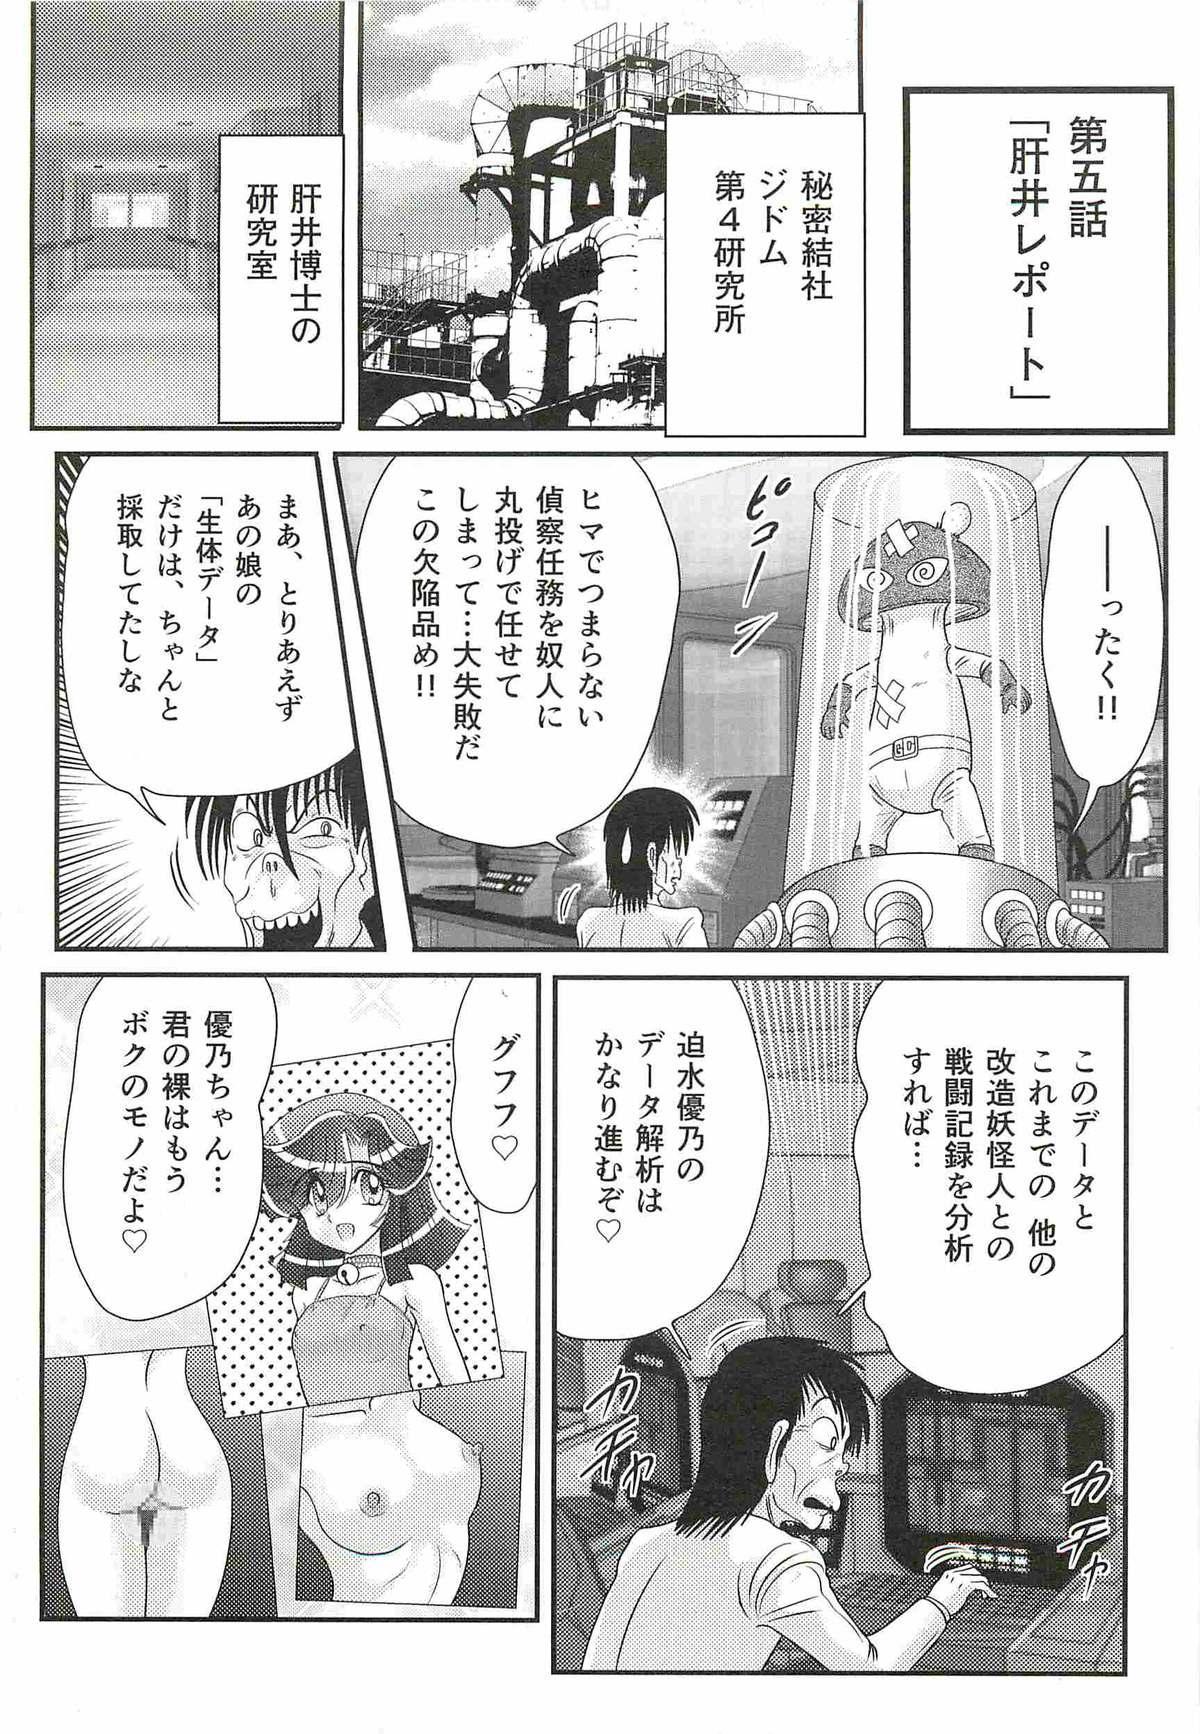 Seirei Tokusou Fairy Saber W - Shojo Kari 122